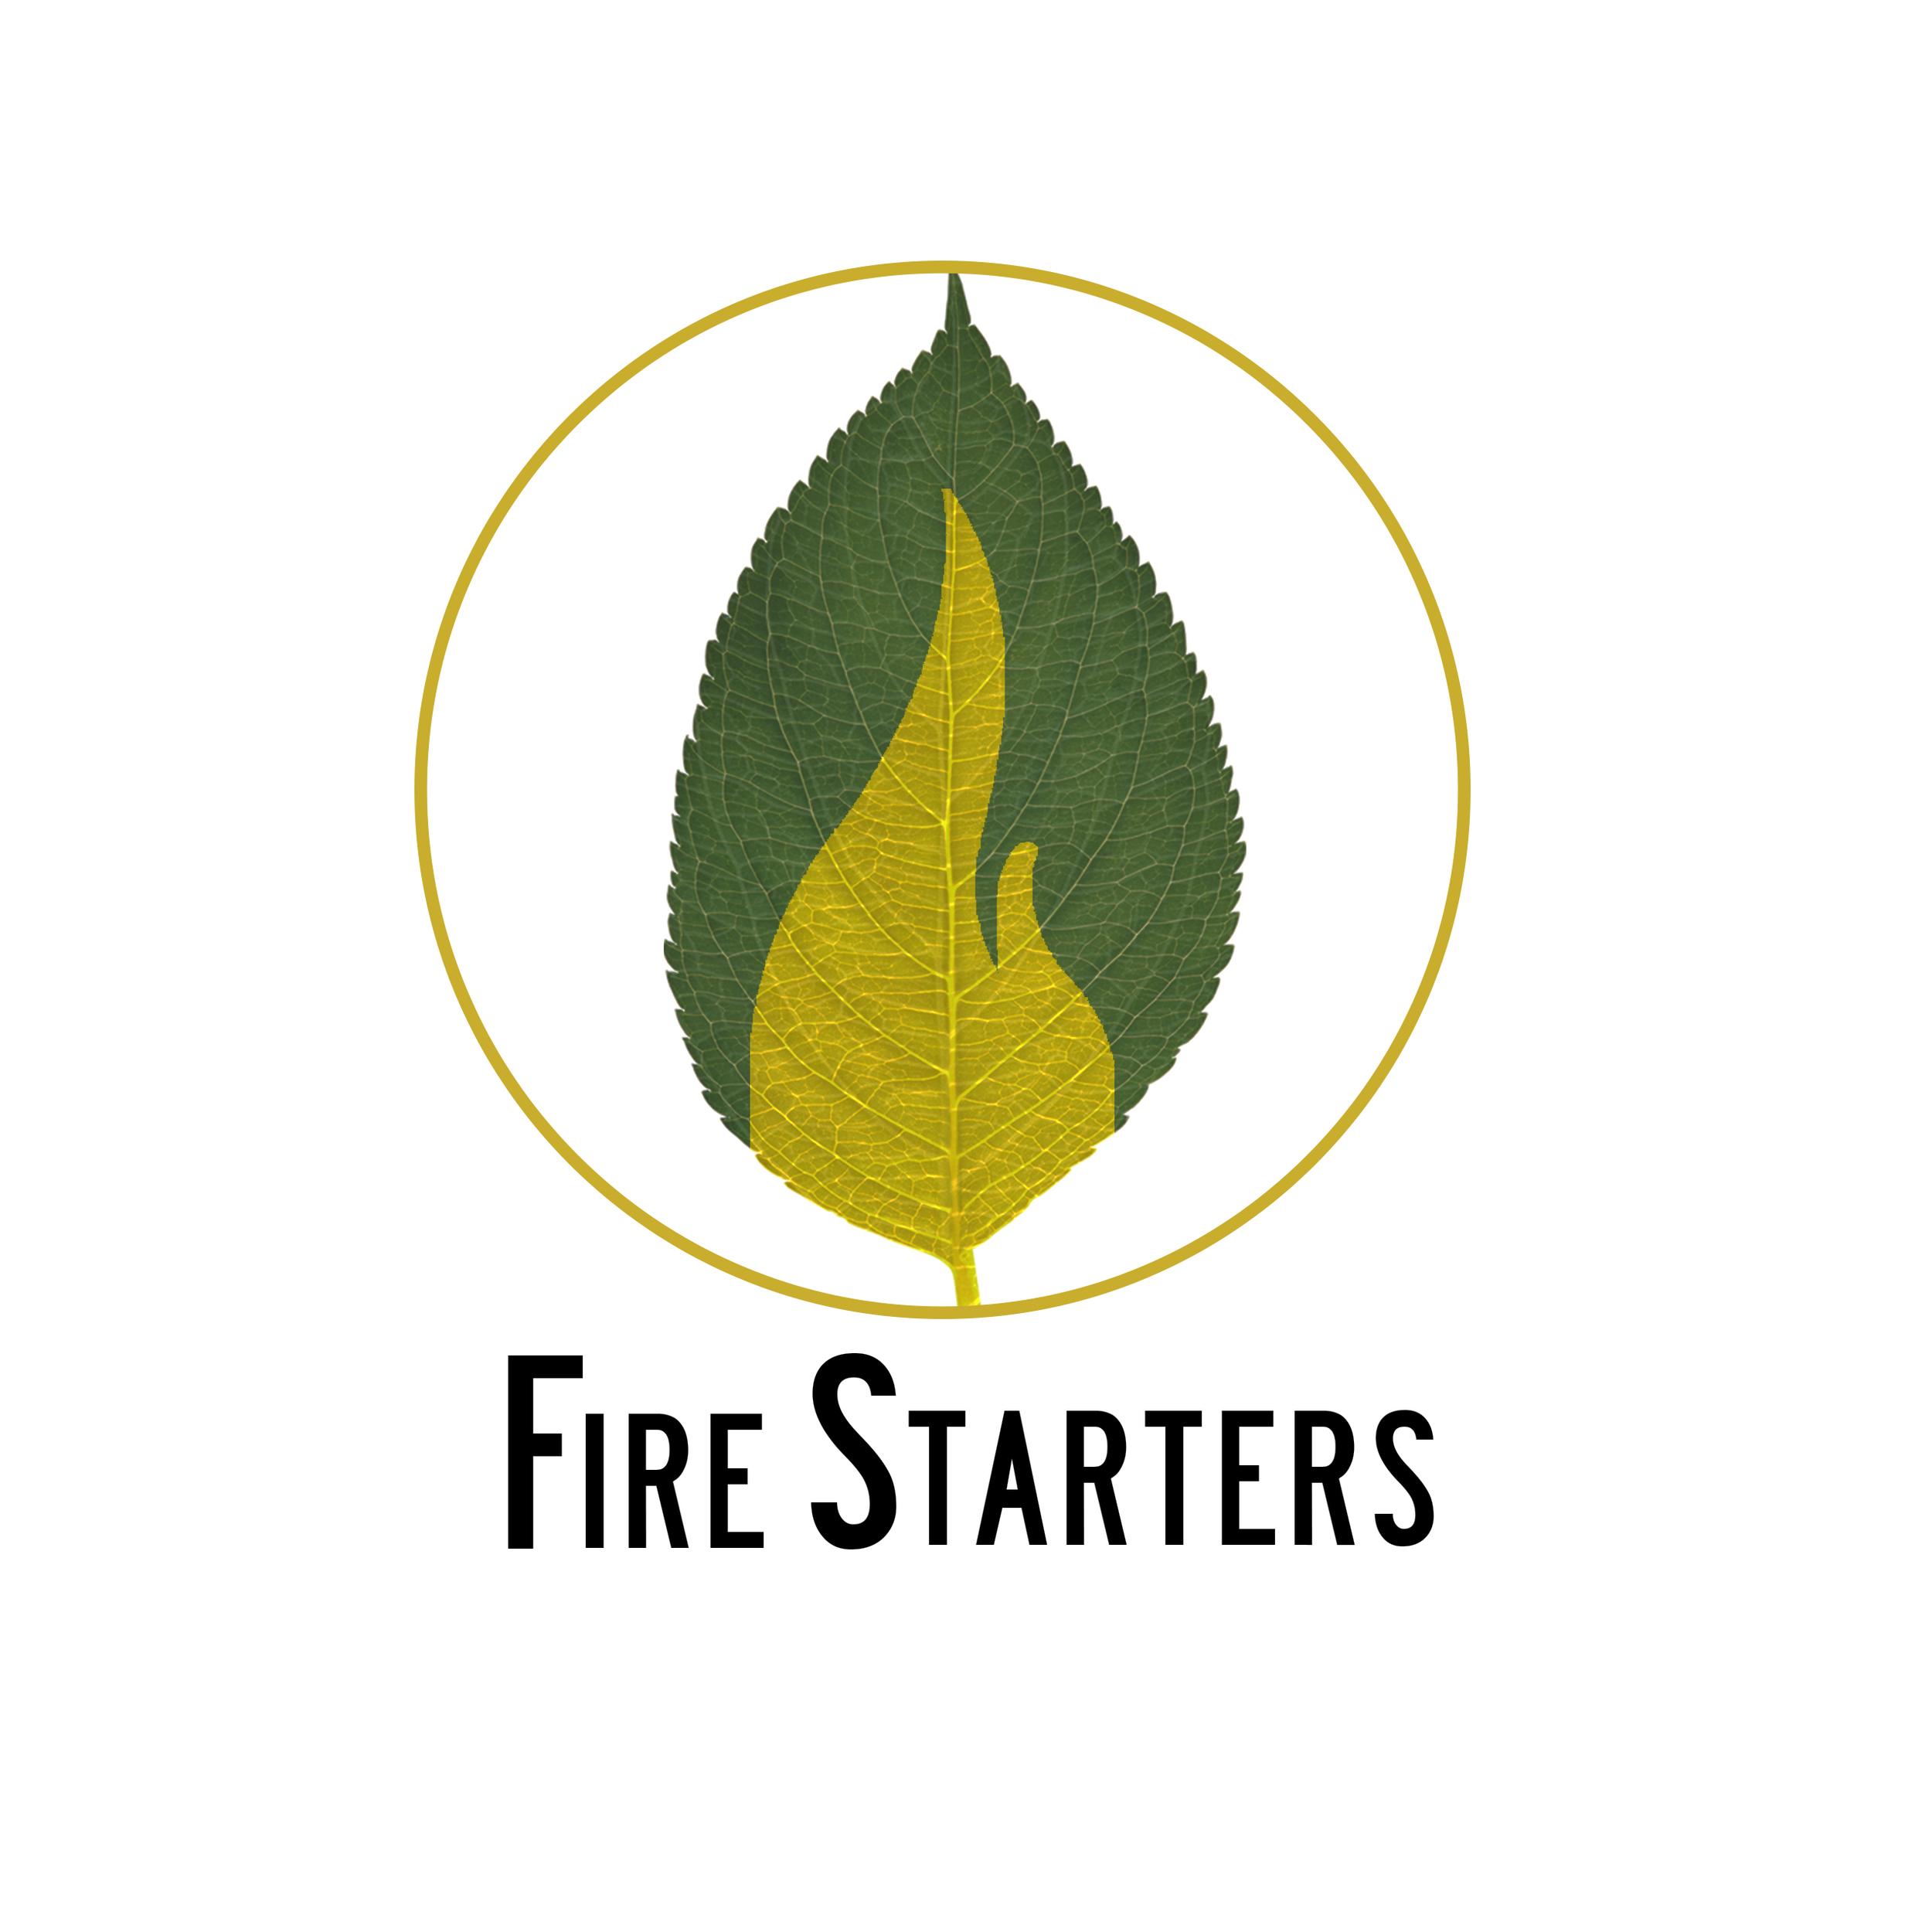 FS Logos+.jpg